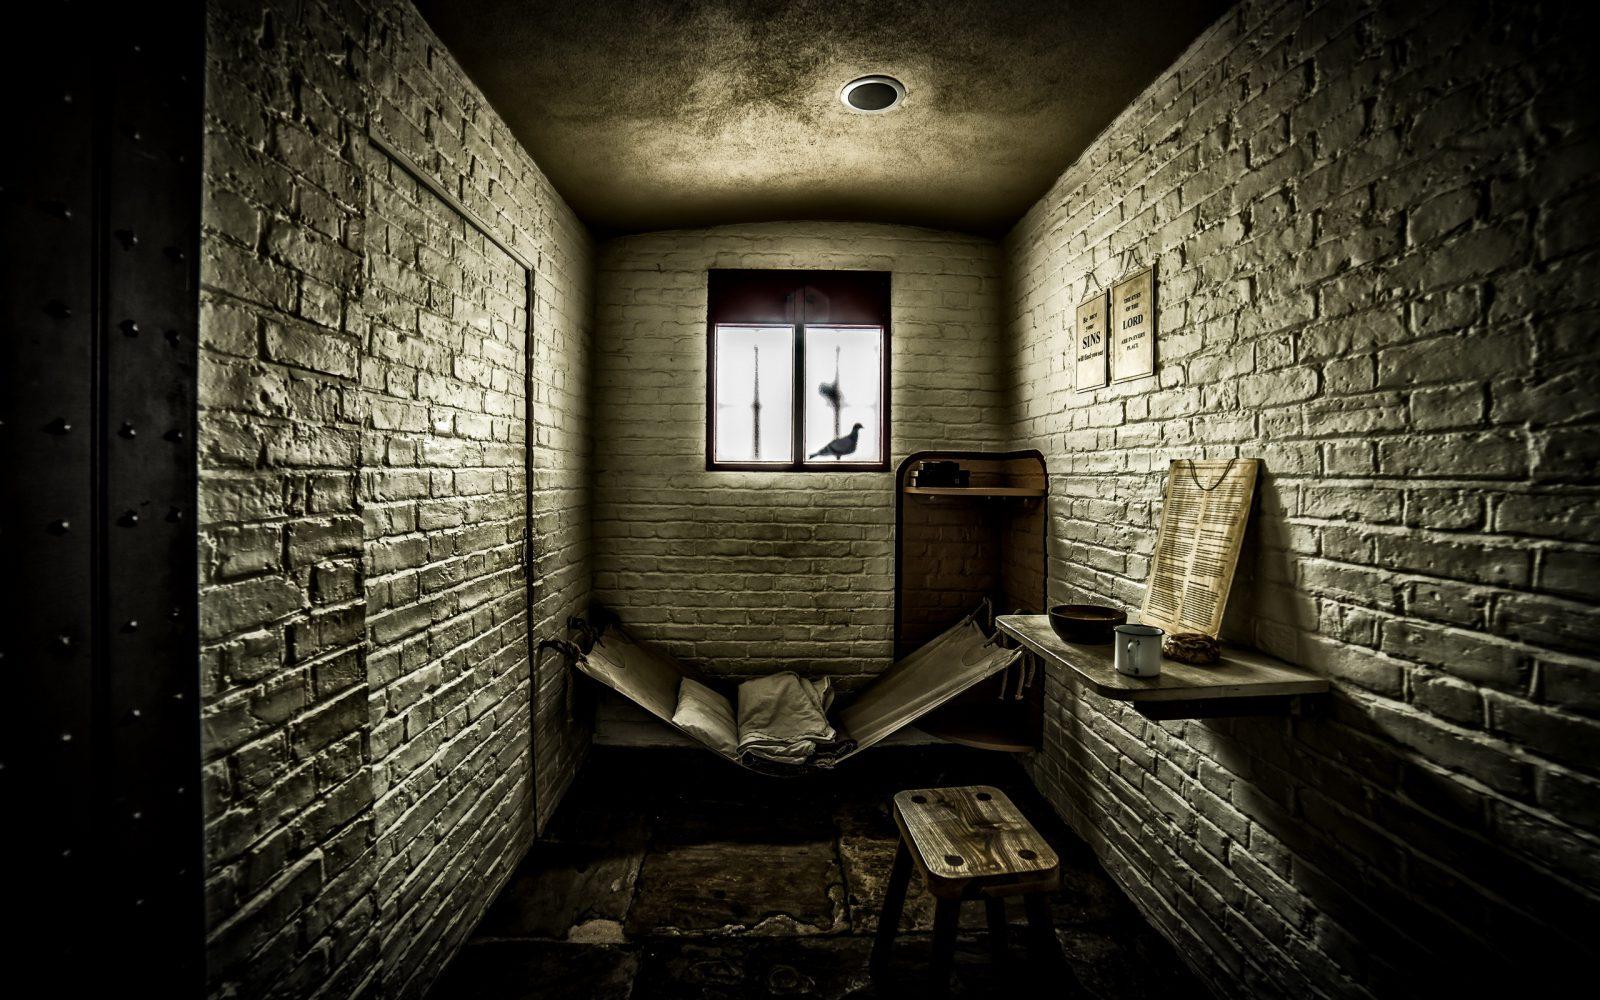 Законопроект № 5610 о заочном осуждении прогрессивен, но далек от совершенства